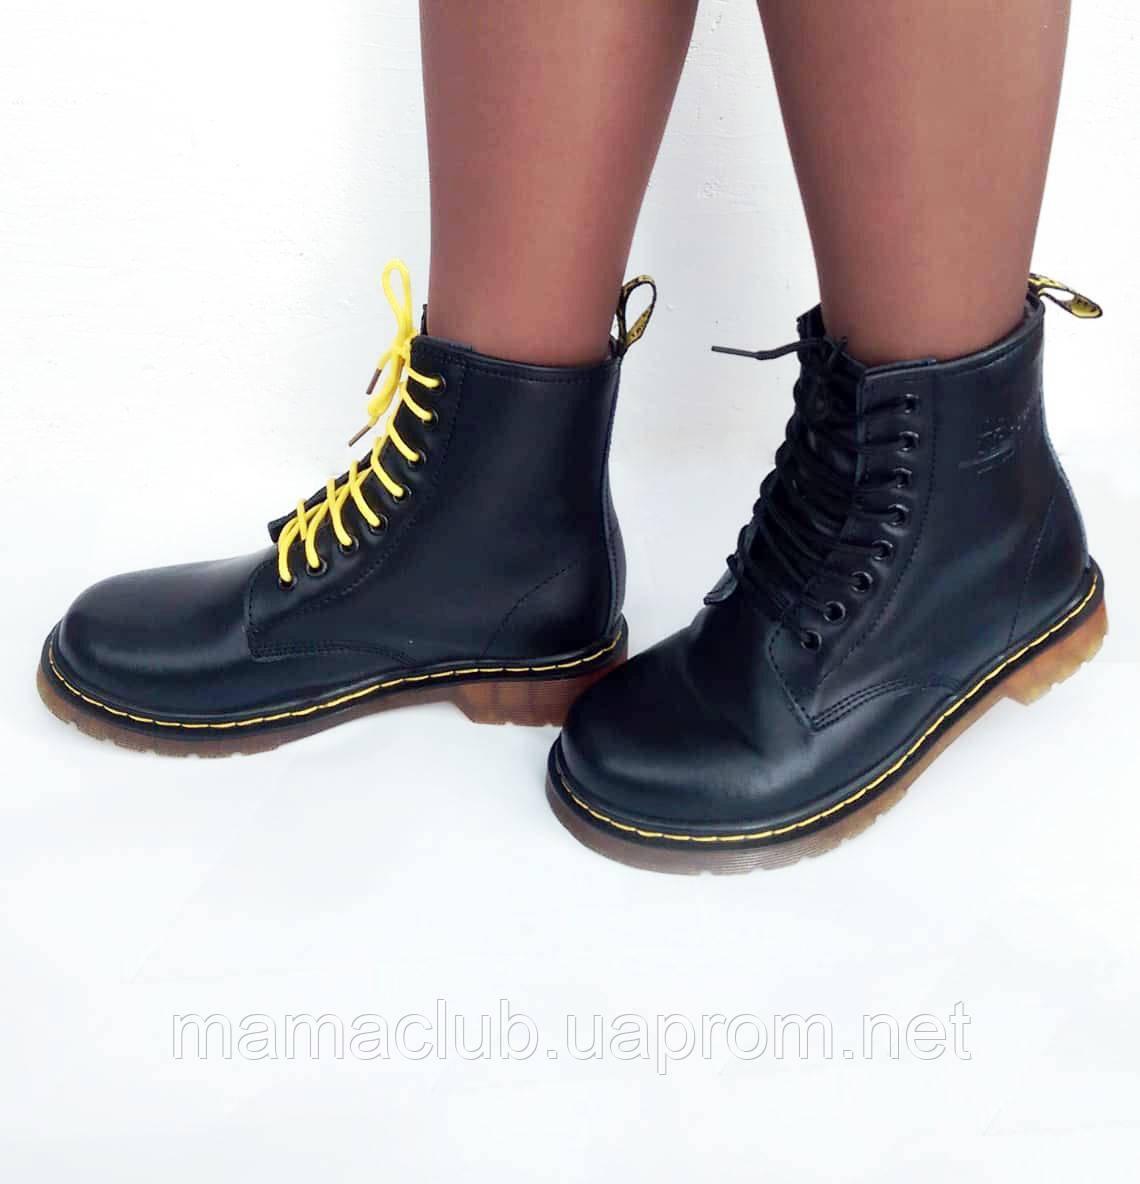 Dr. Martens, ботинки-мартинсы женские и мужские зимние, модель 1460, черные и бордовые